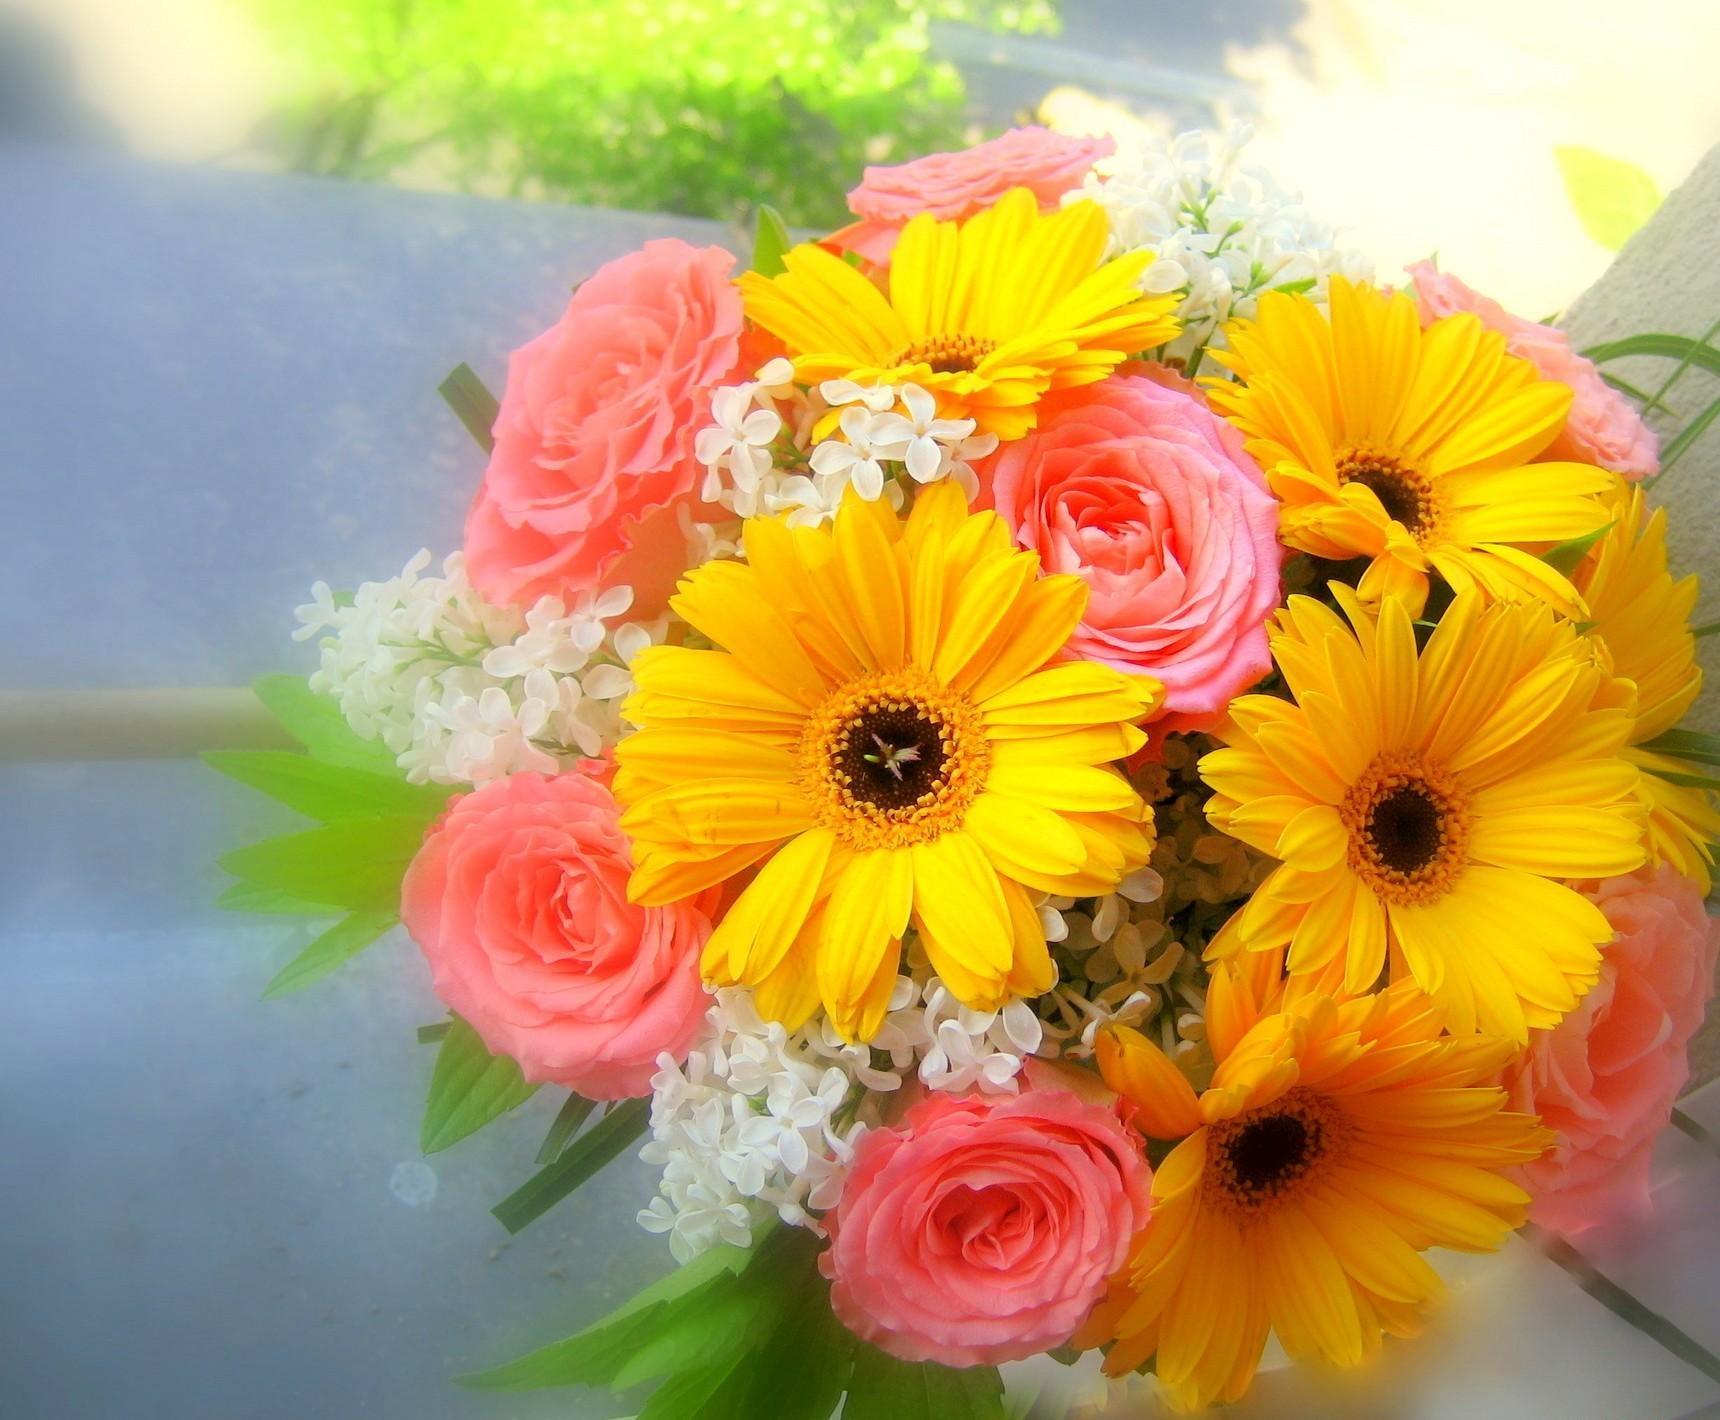 75690 Заставки и Обои Розы на телефон. Скачать Розы, Герберы, Букет, Цветы, Сирень, Красиво картинки бесплатно